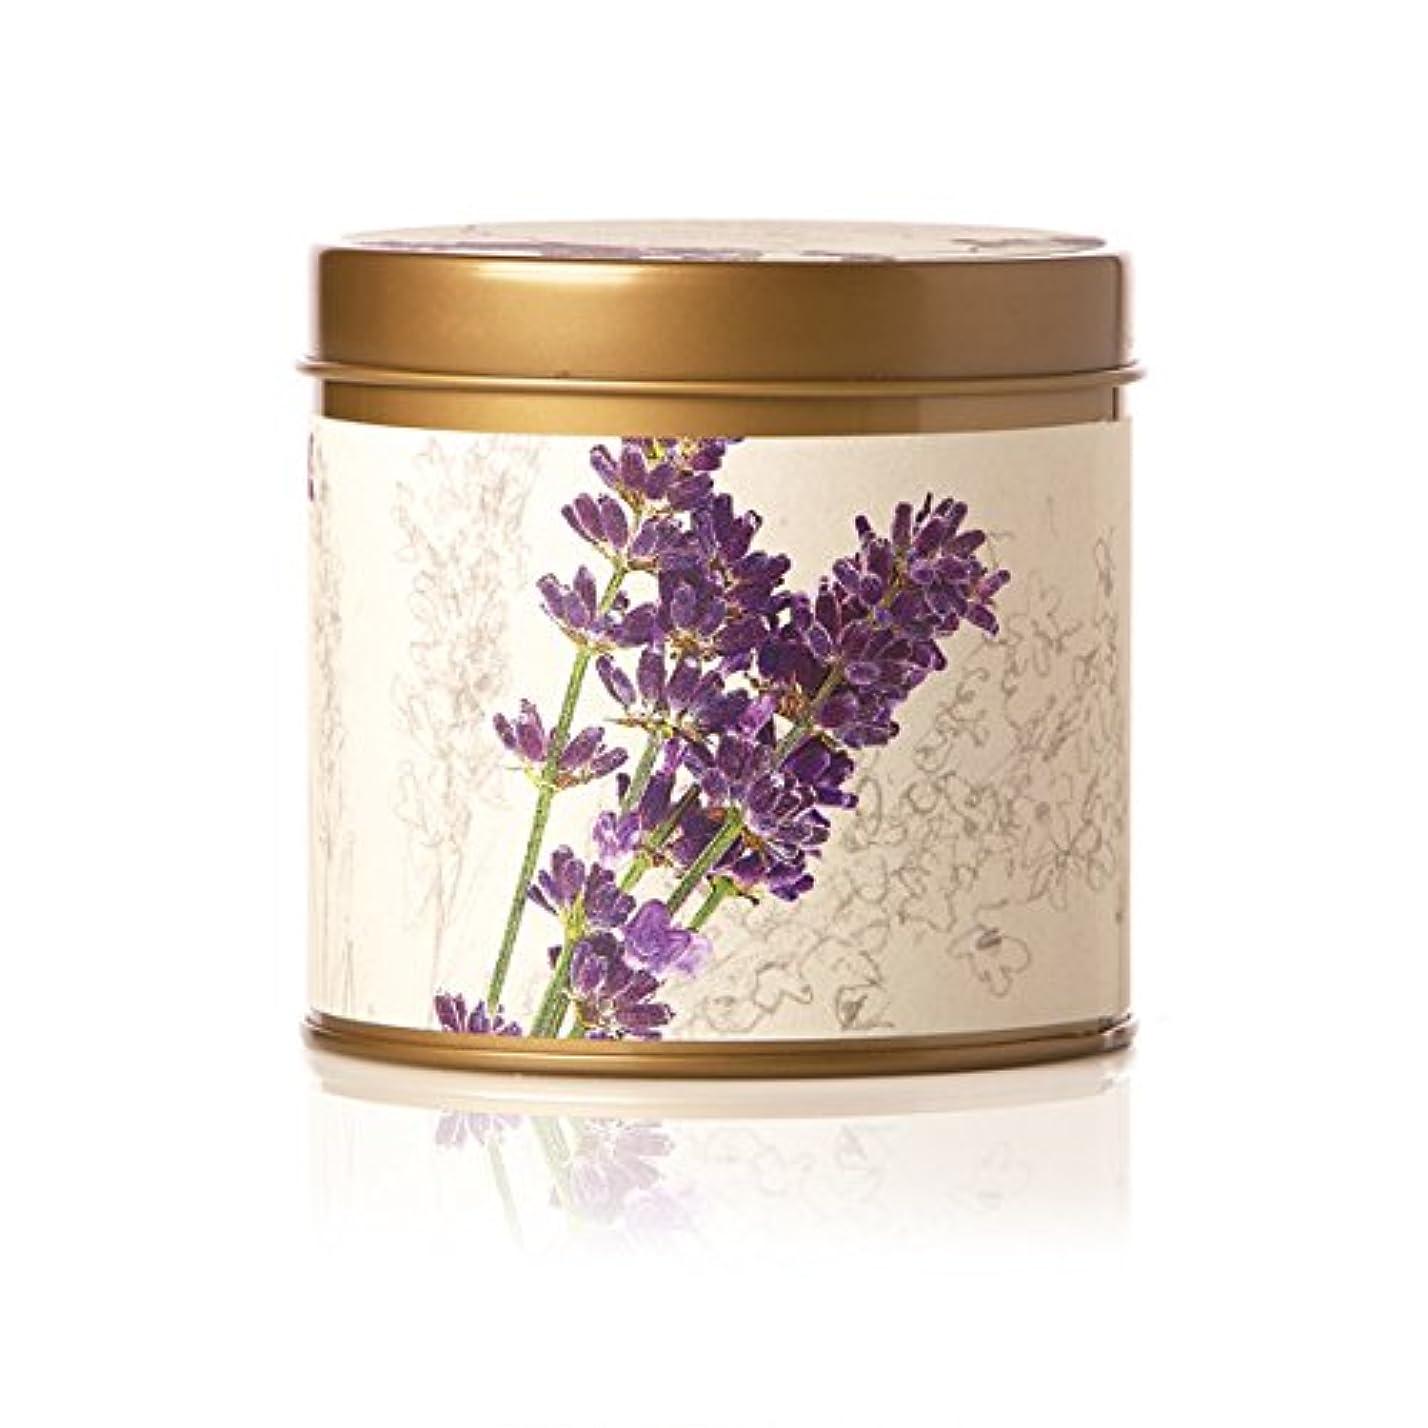 メインスケジュールコスチュームロージーリングス ティンキャンドル ロマンラベンダー ROSY RINGS Signature Tin Roman Lavender